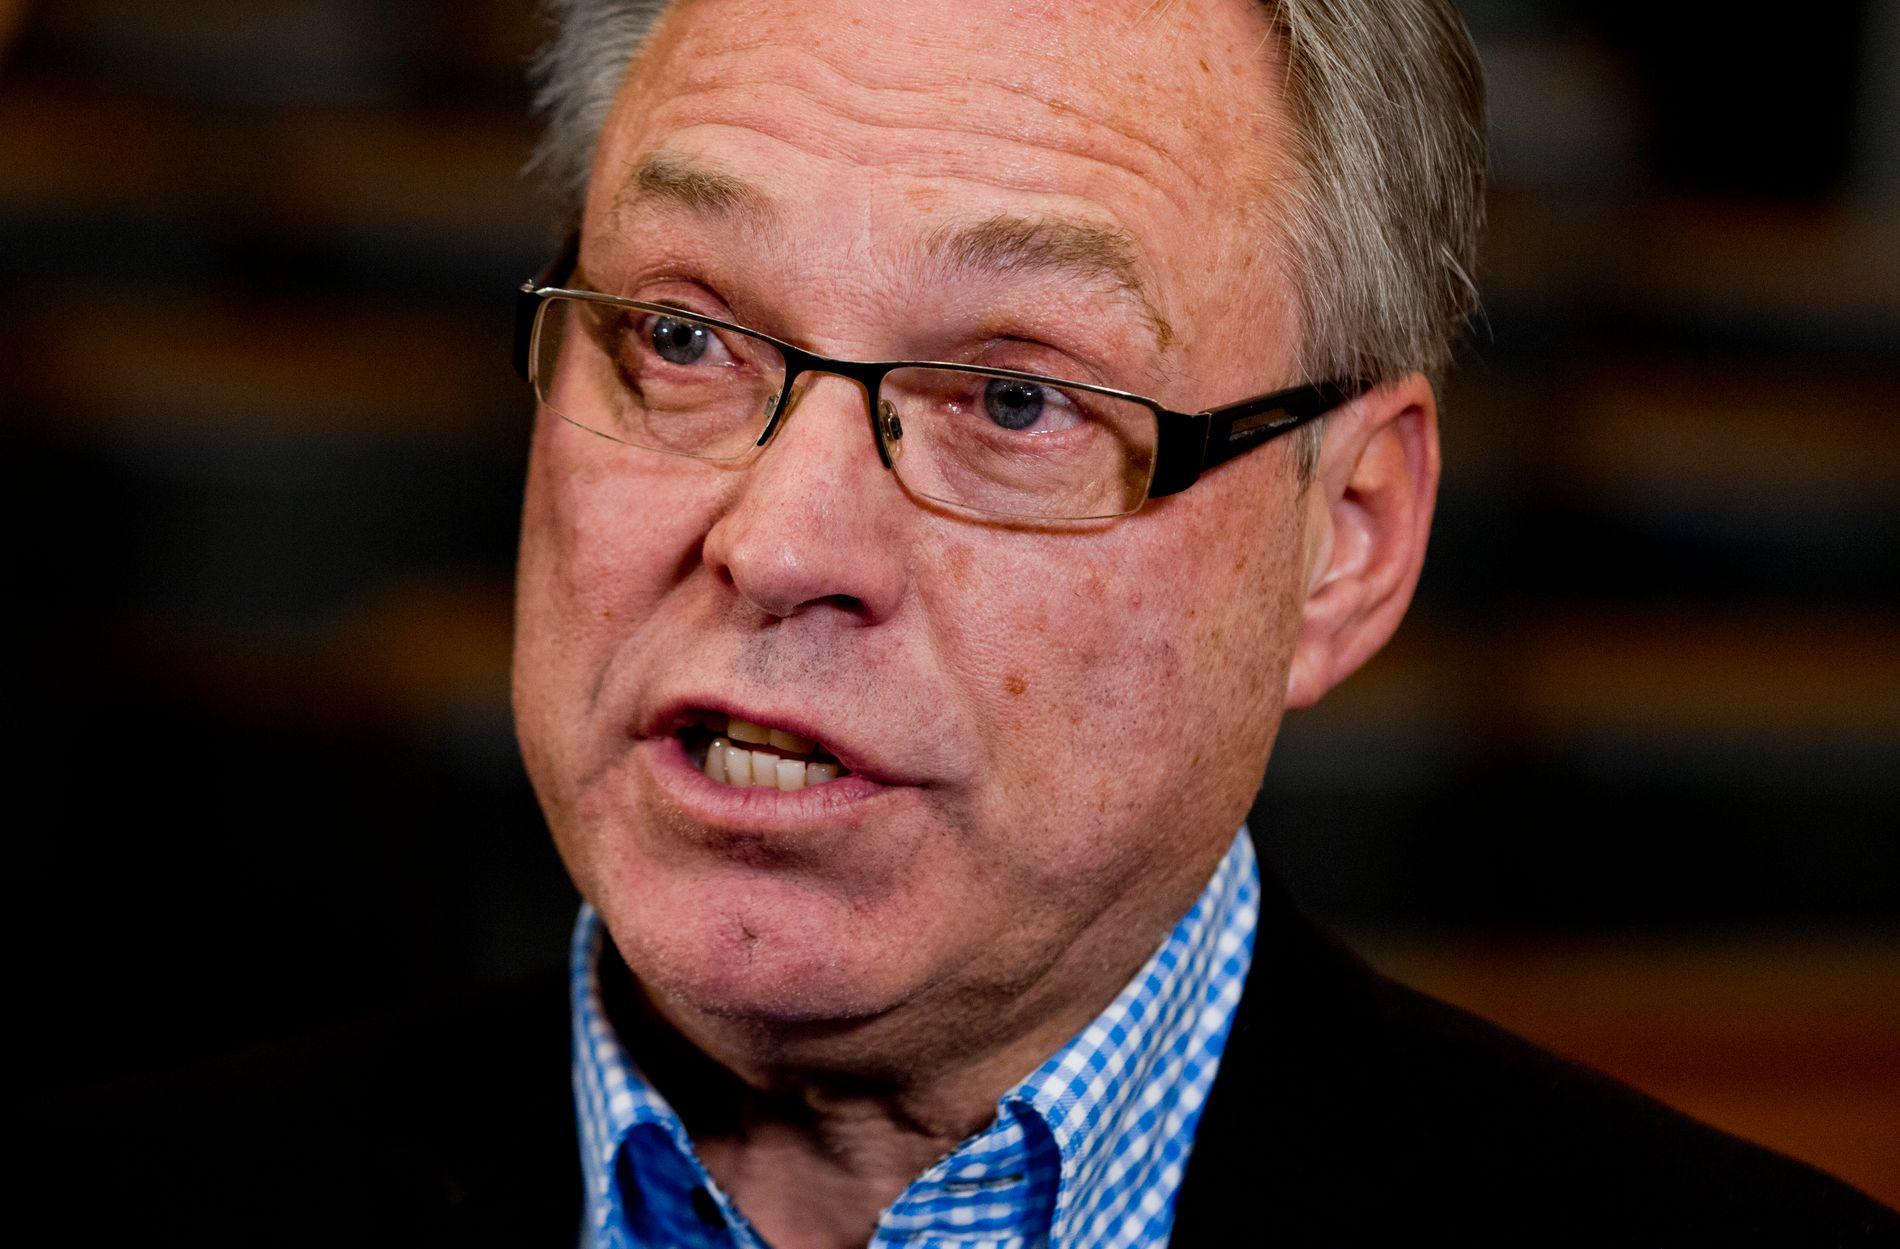 FÅR KRITIKK: Flere ber Harald Tiedemann Hansen om å trekke seg som leder for Norges Cykleforbund. Foto: NTB scanpix